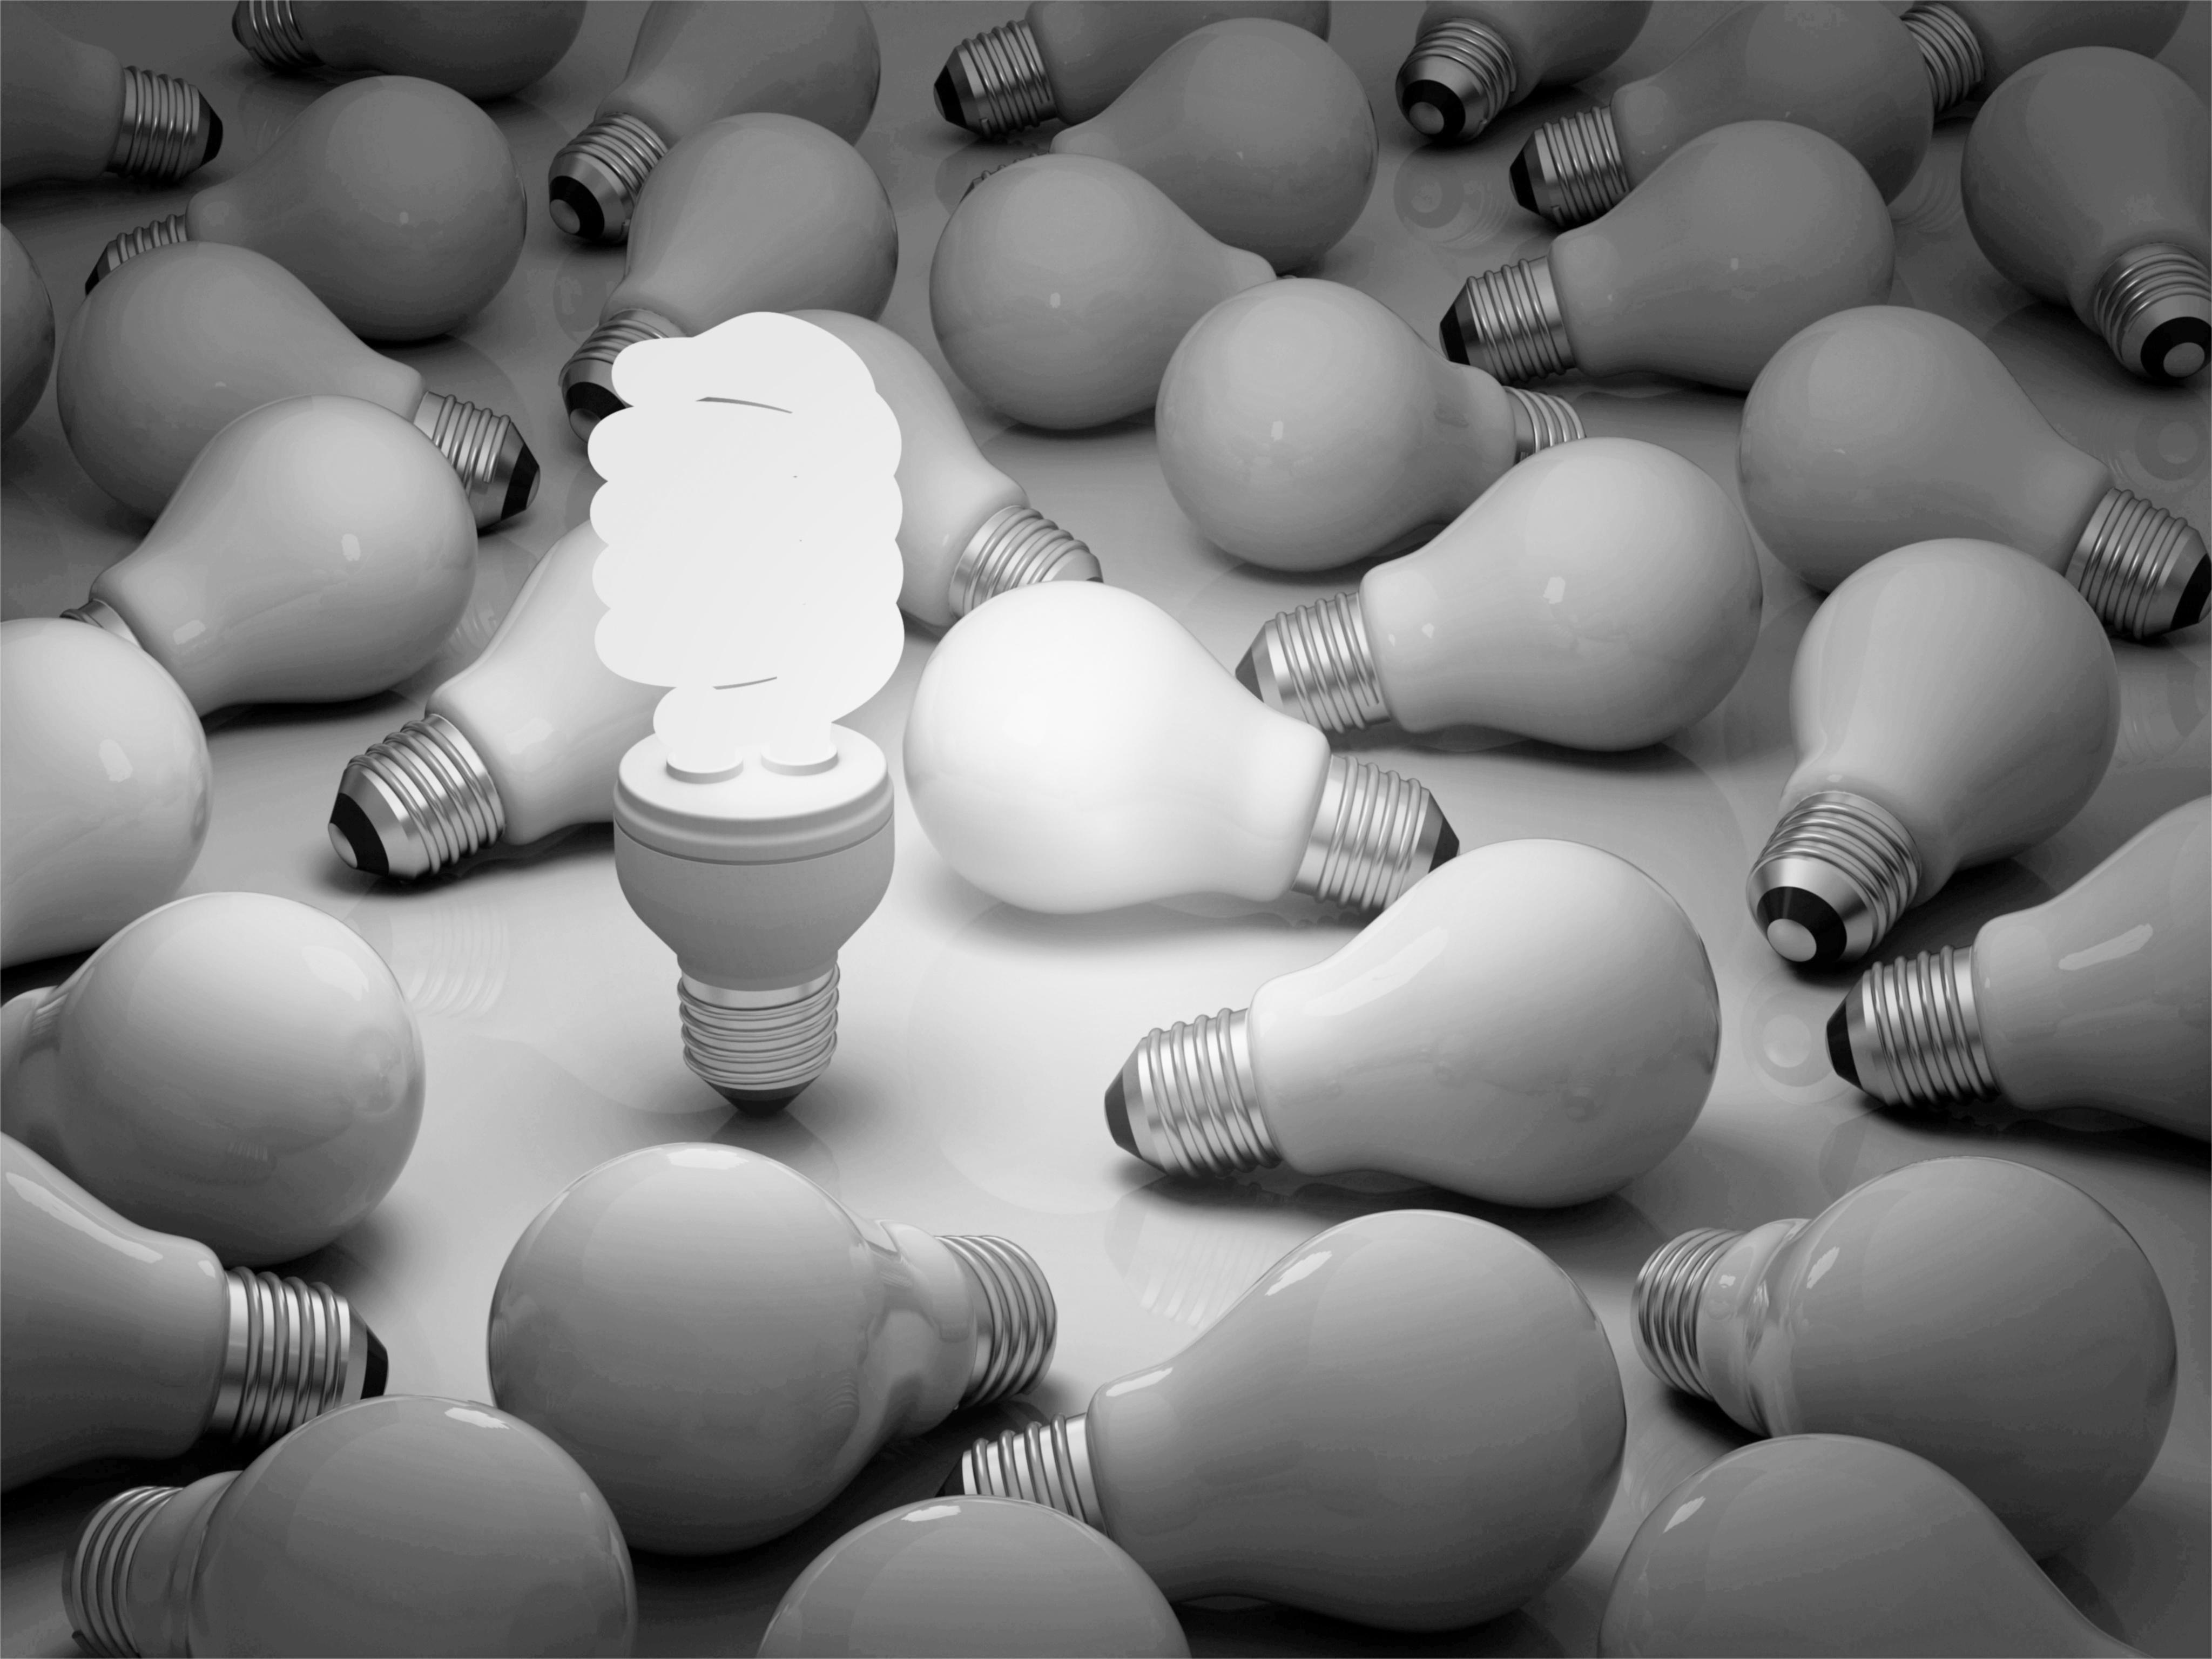 lightbulbs_test15.jpg